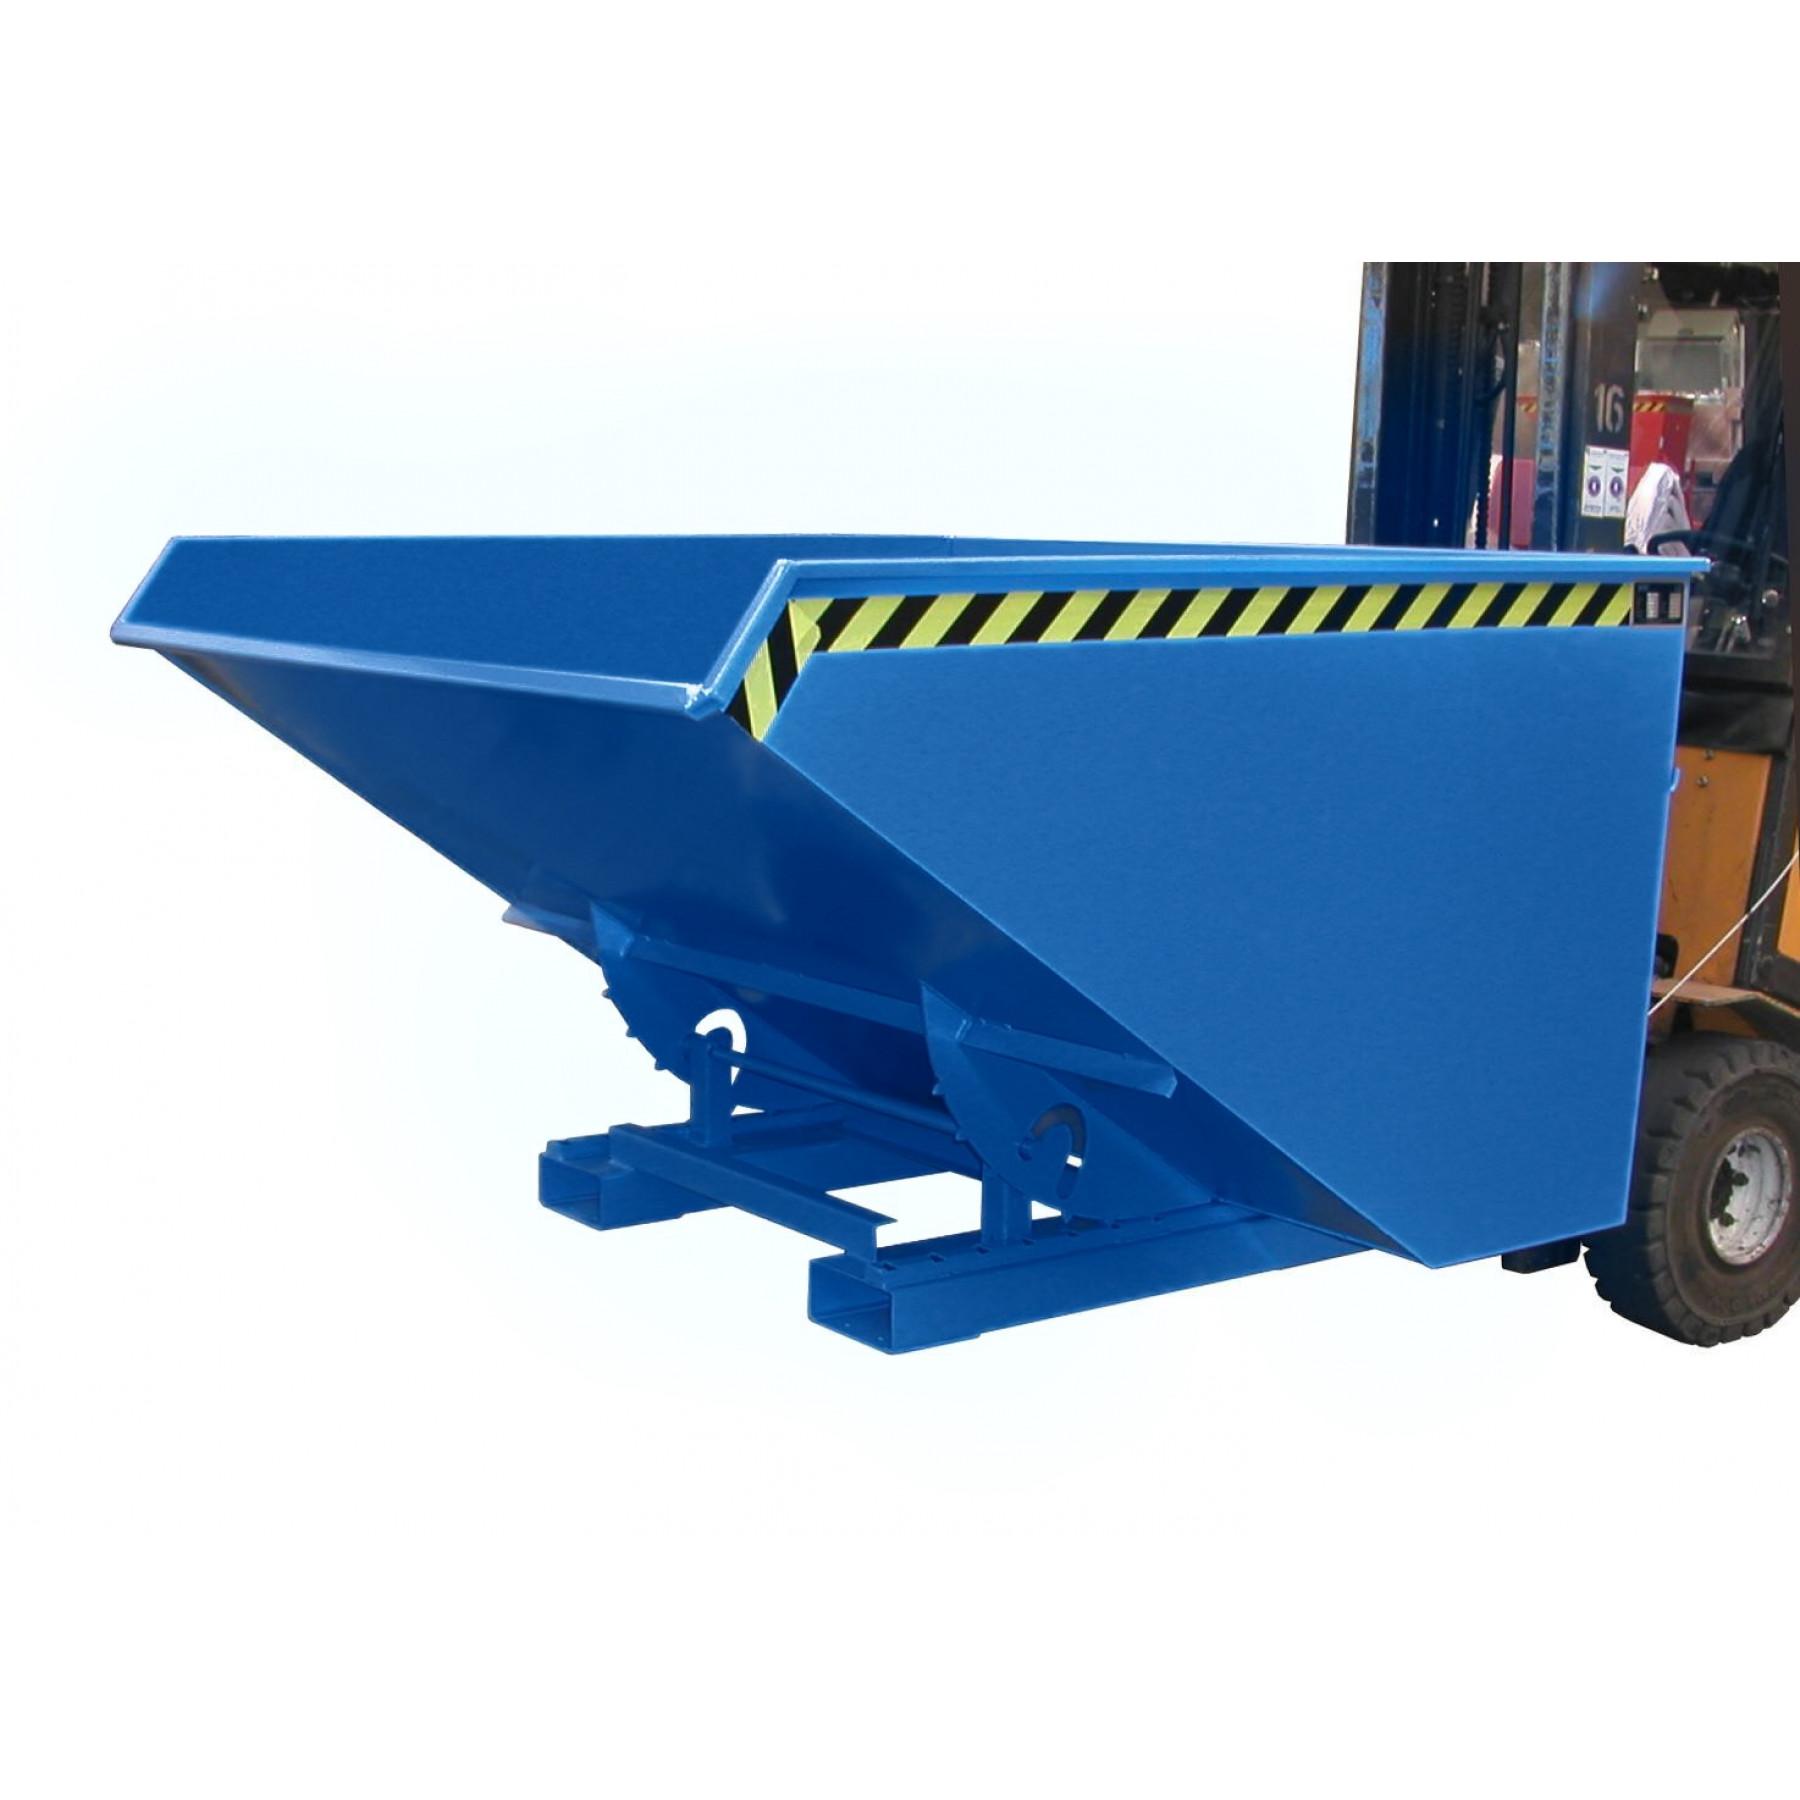 Kiepcontainer 1200 liter, hoog model, MTF-1200-5001